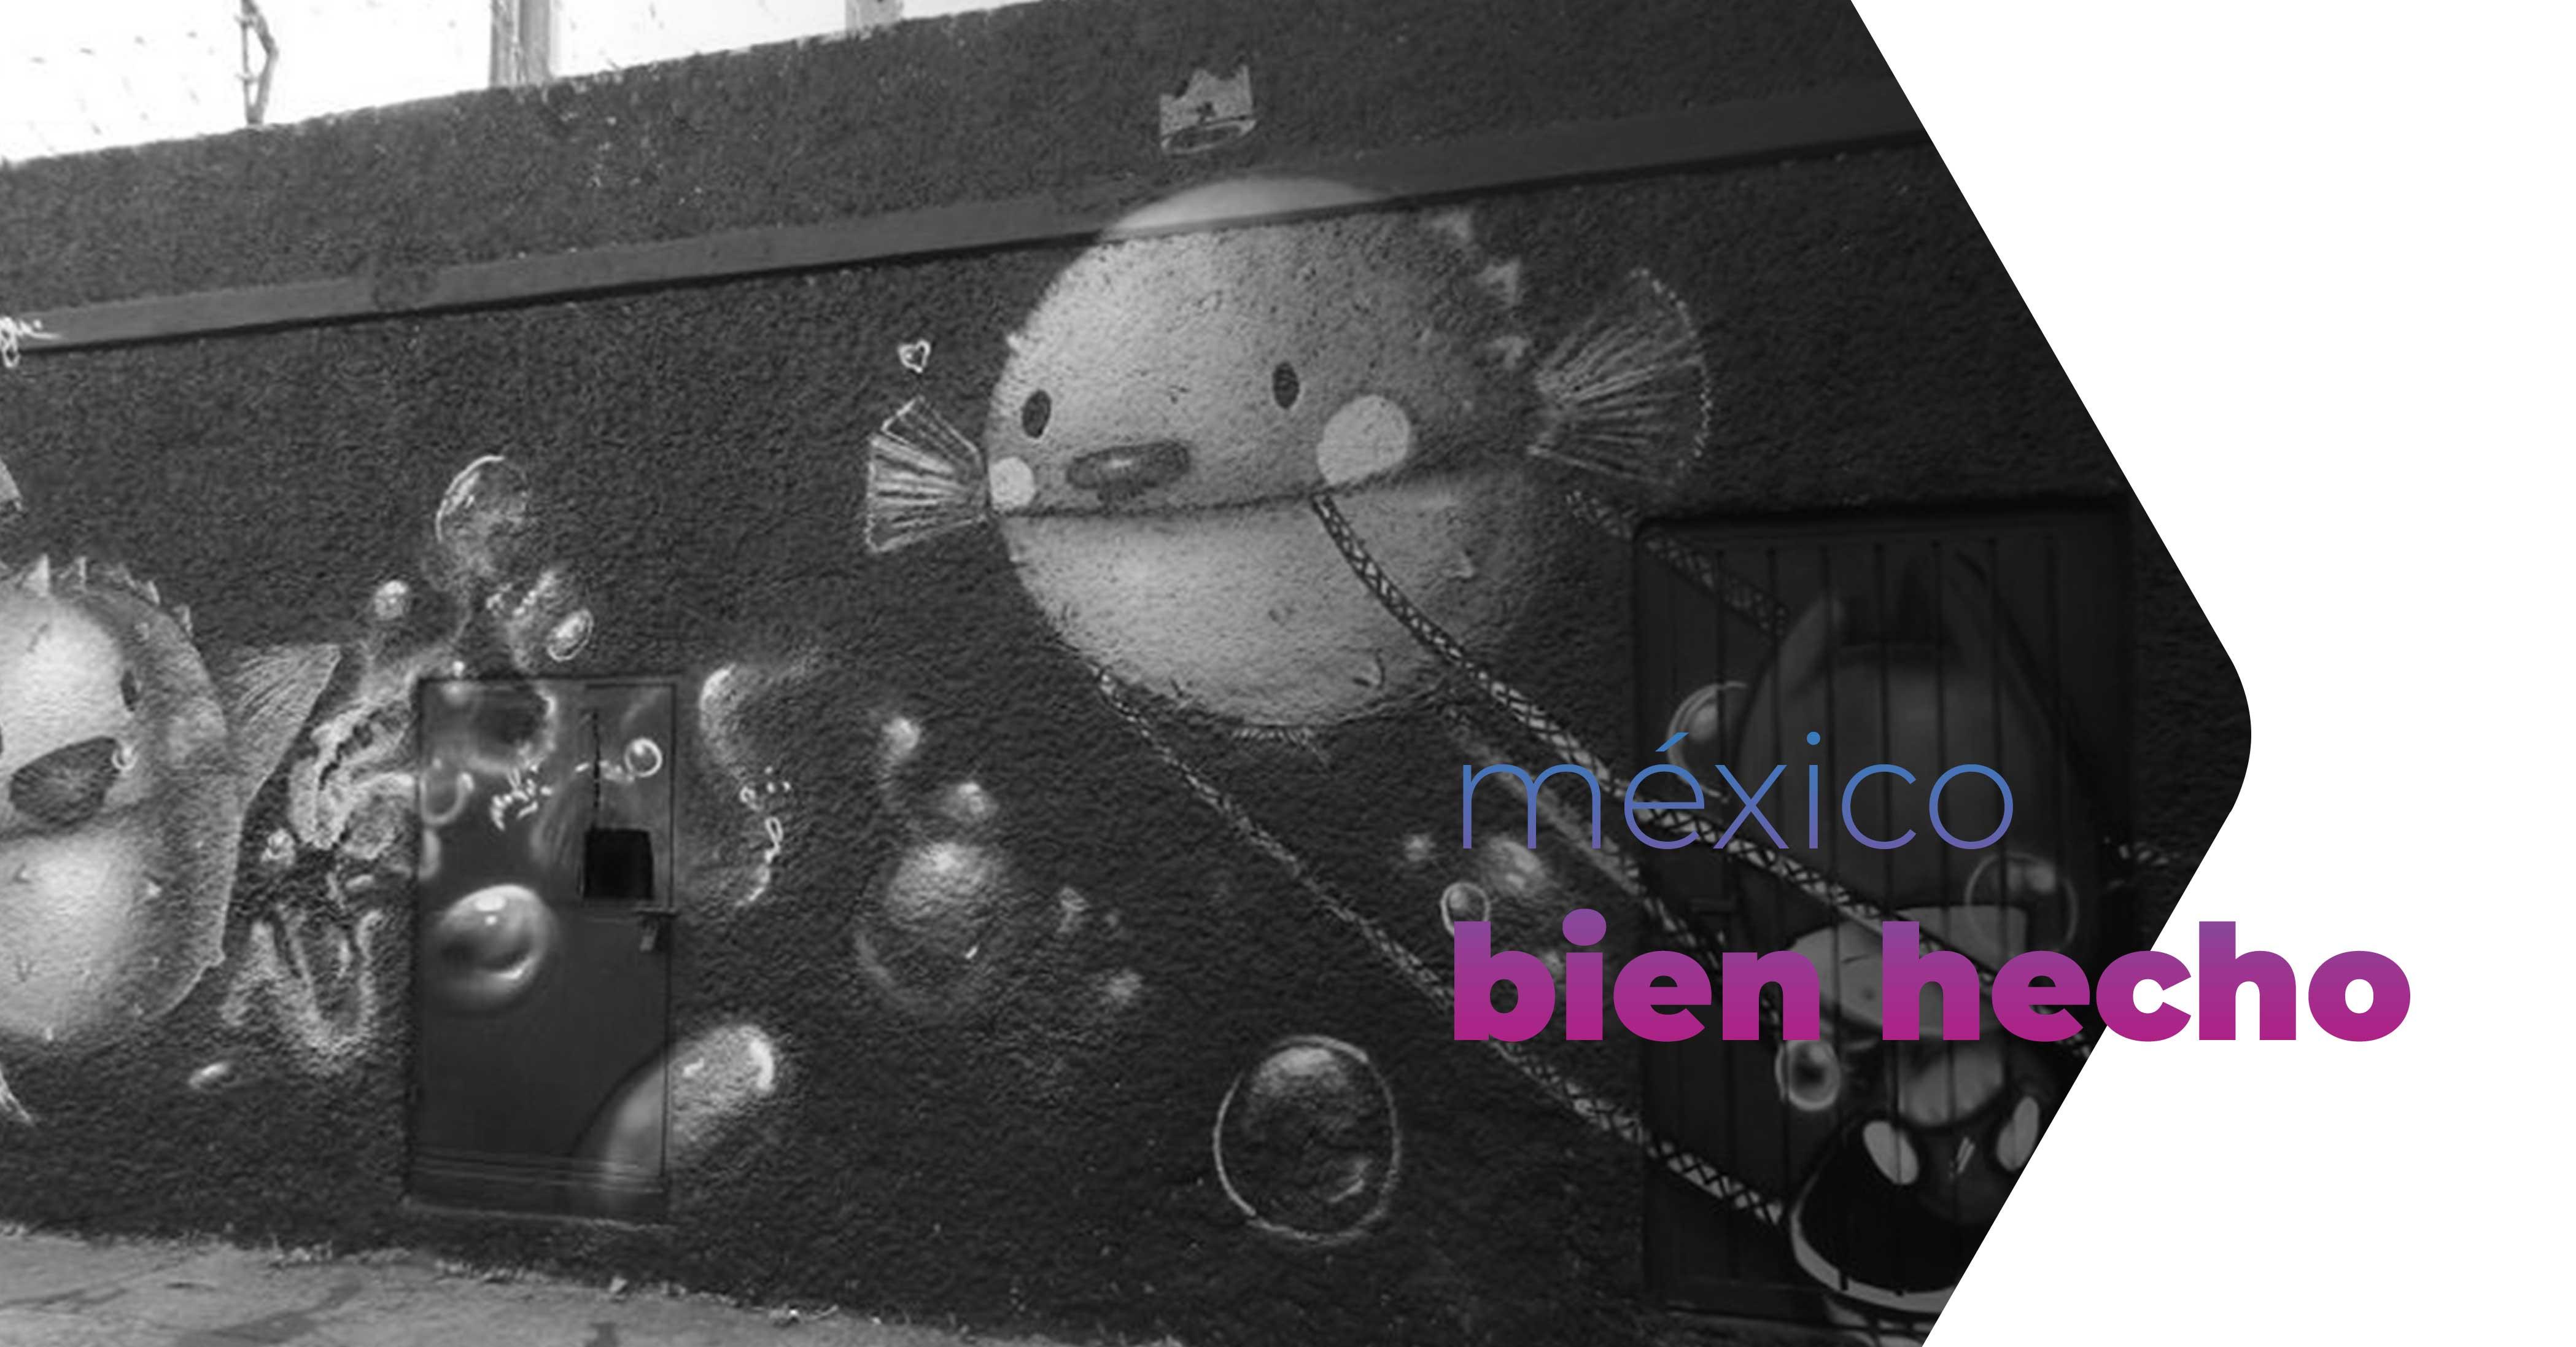 Comex México bien Hecho